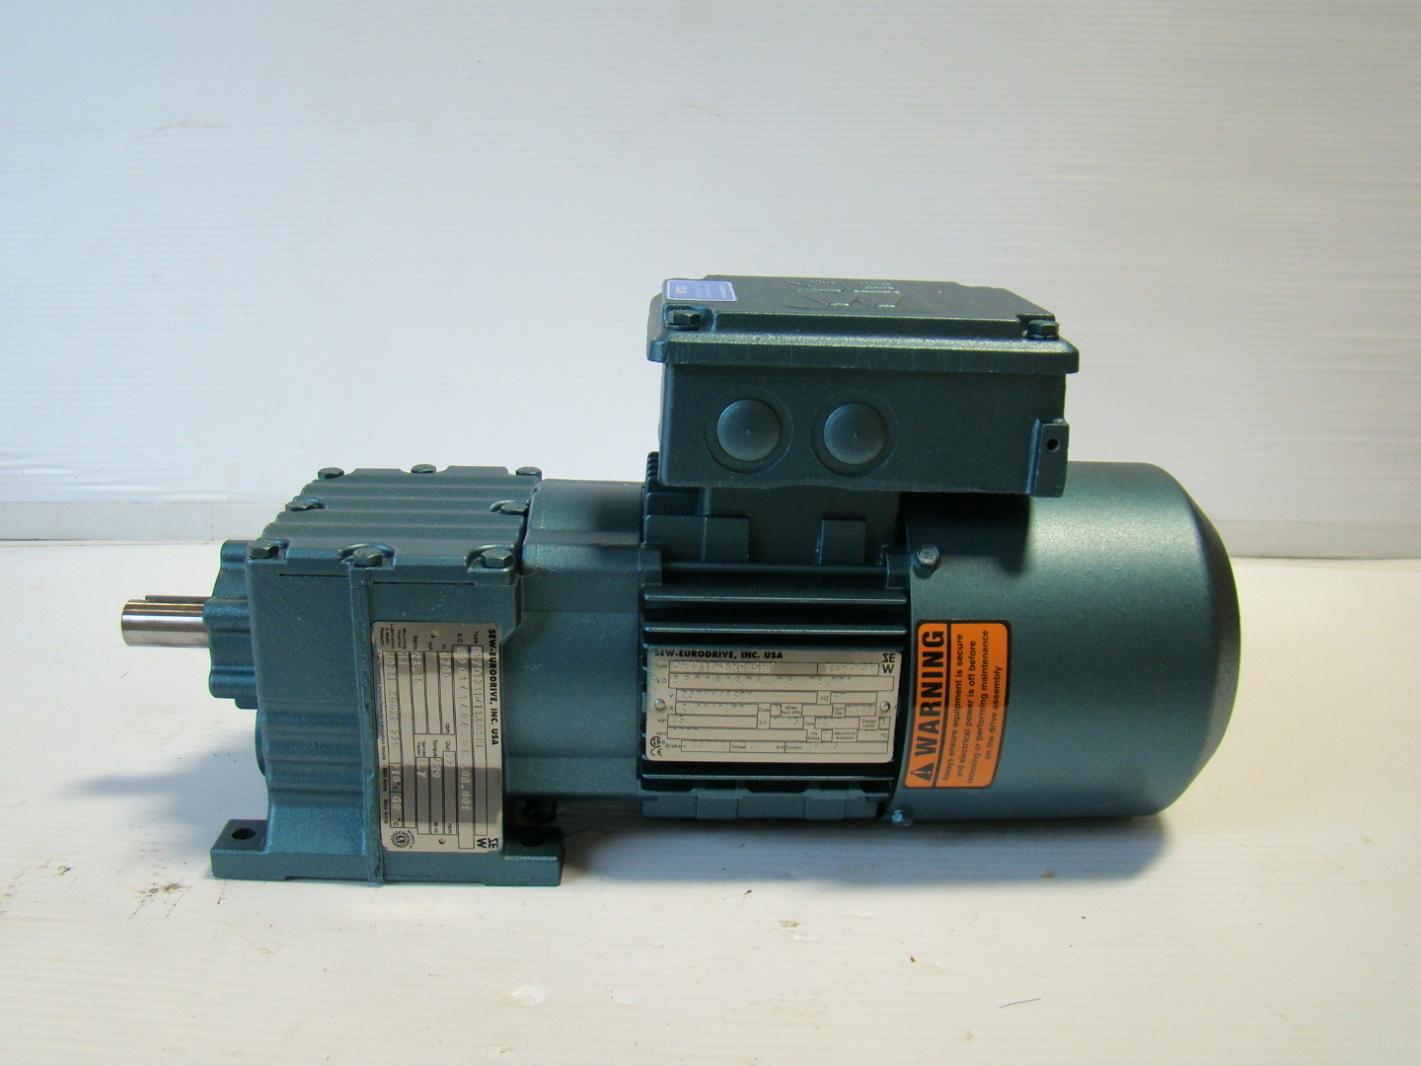 Sew eurodrive 1 2hp 73rpm motor gearbox ebay for Sew eurodrive gear motor